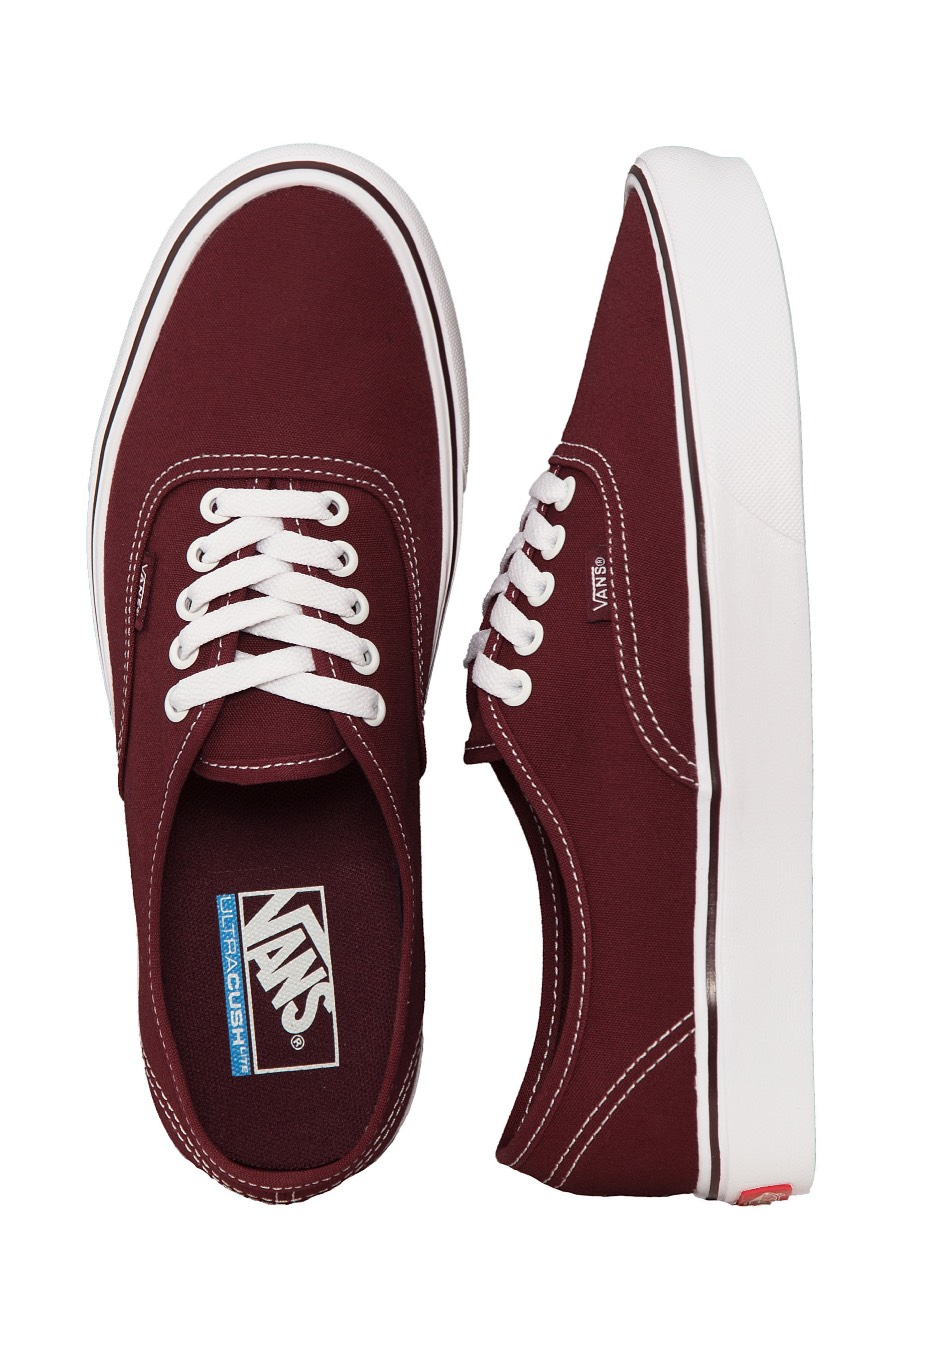 28b0107ca4 Vans - Authentic Lite Canvas Port Royale True White - Shoes - Impericon.com  UK